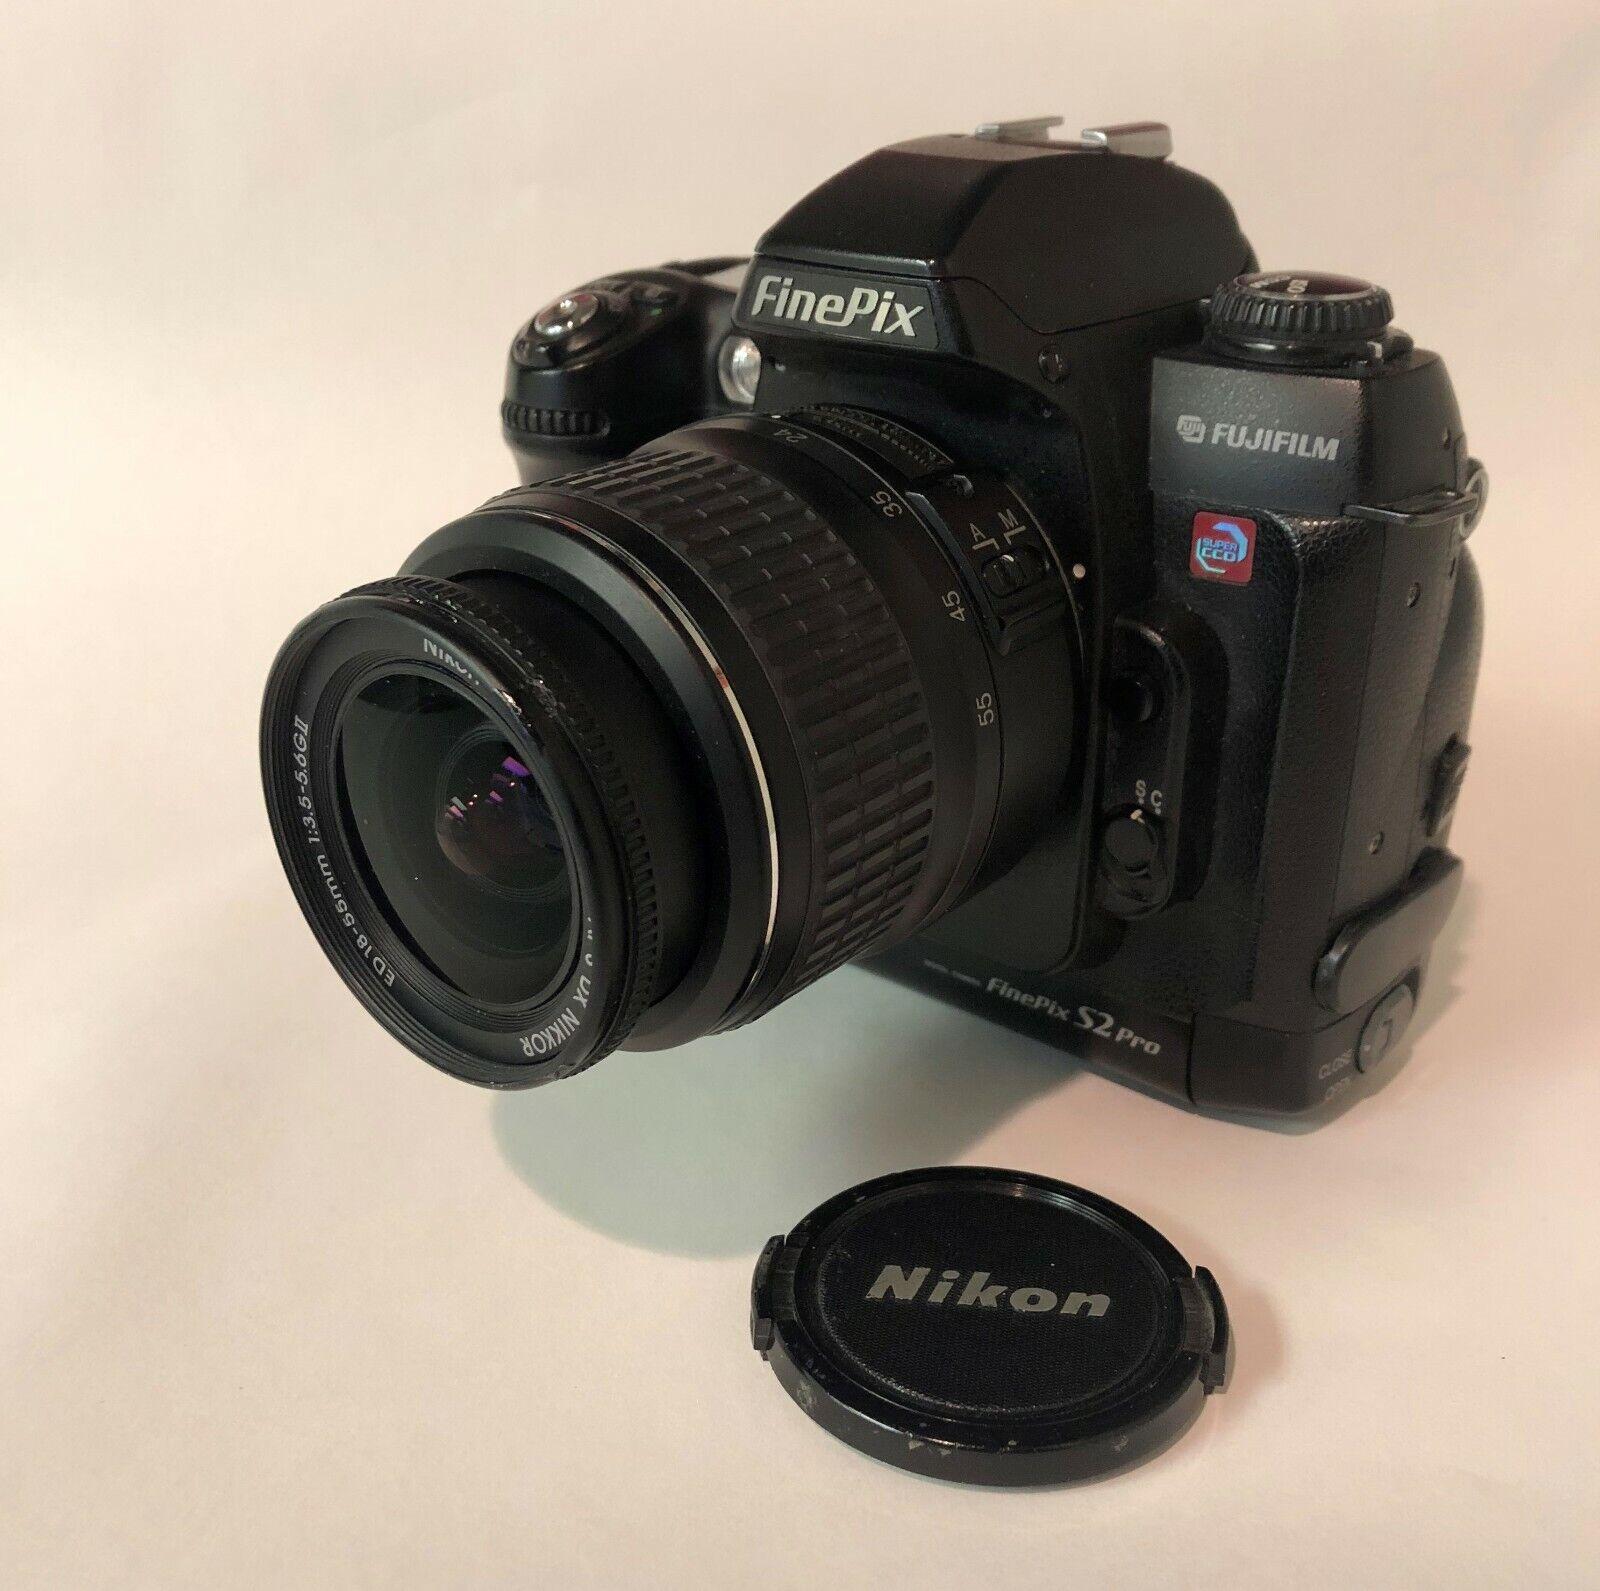 Fuji Finepix S2 Pro DSLR Body W/Nikon DX 18-55mm AF-S Nikkor 1 3.5-5.6GIIED Lens - $100.00